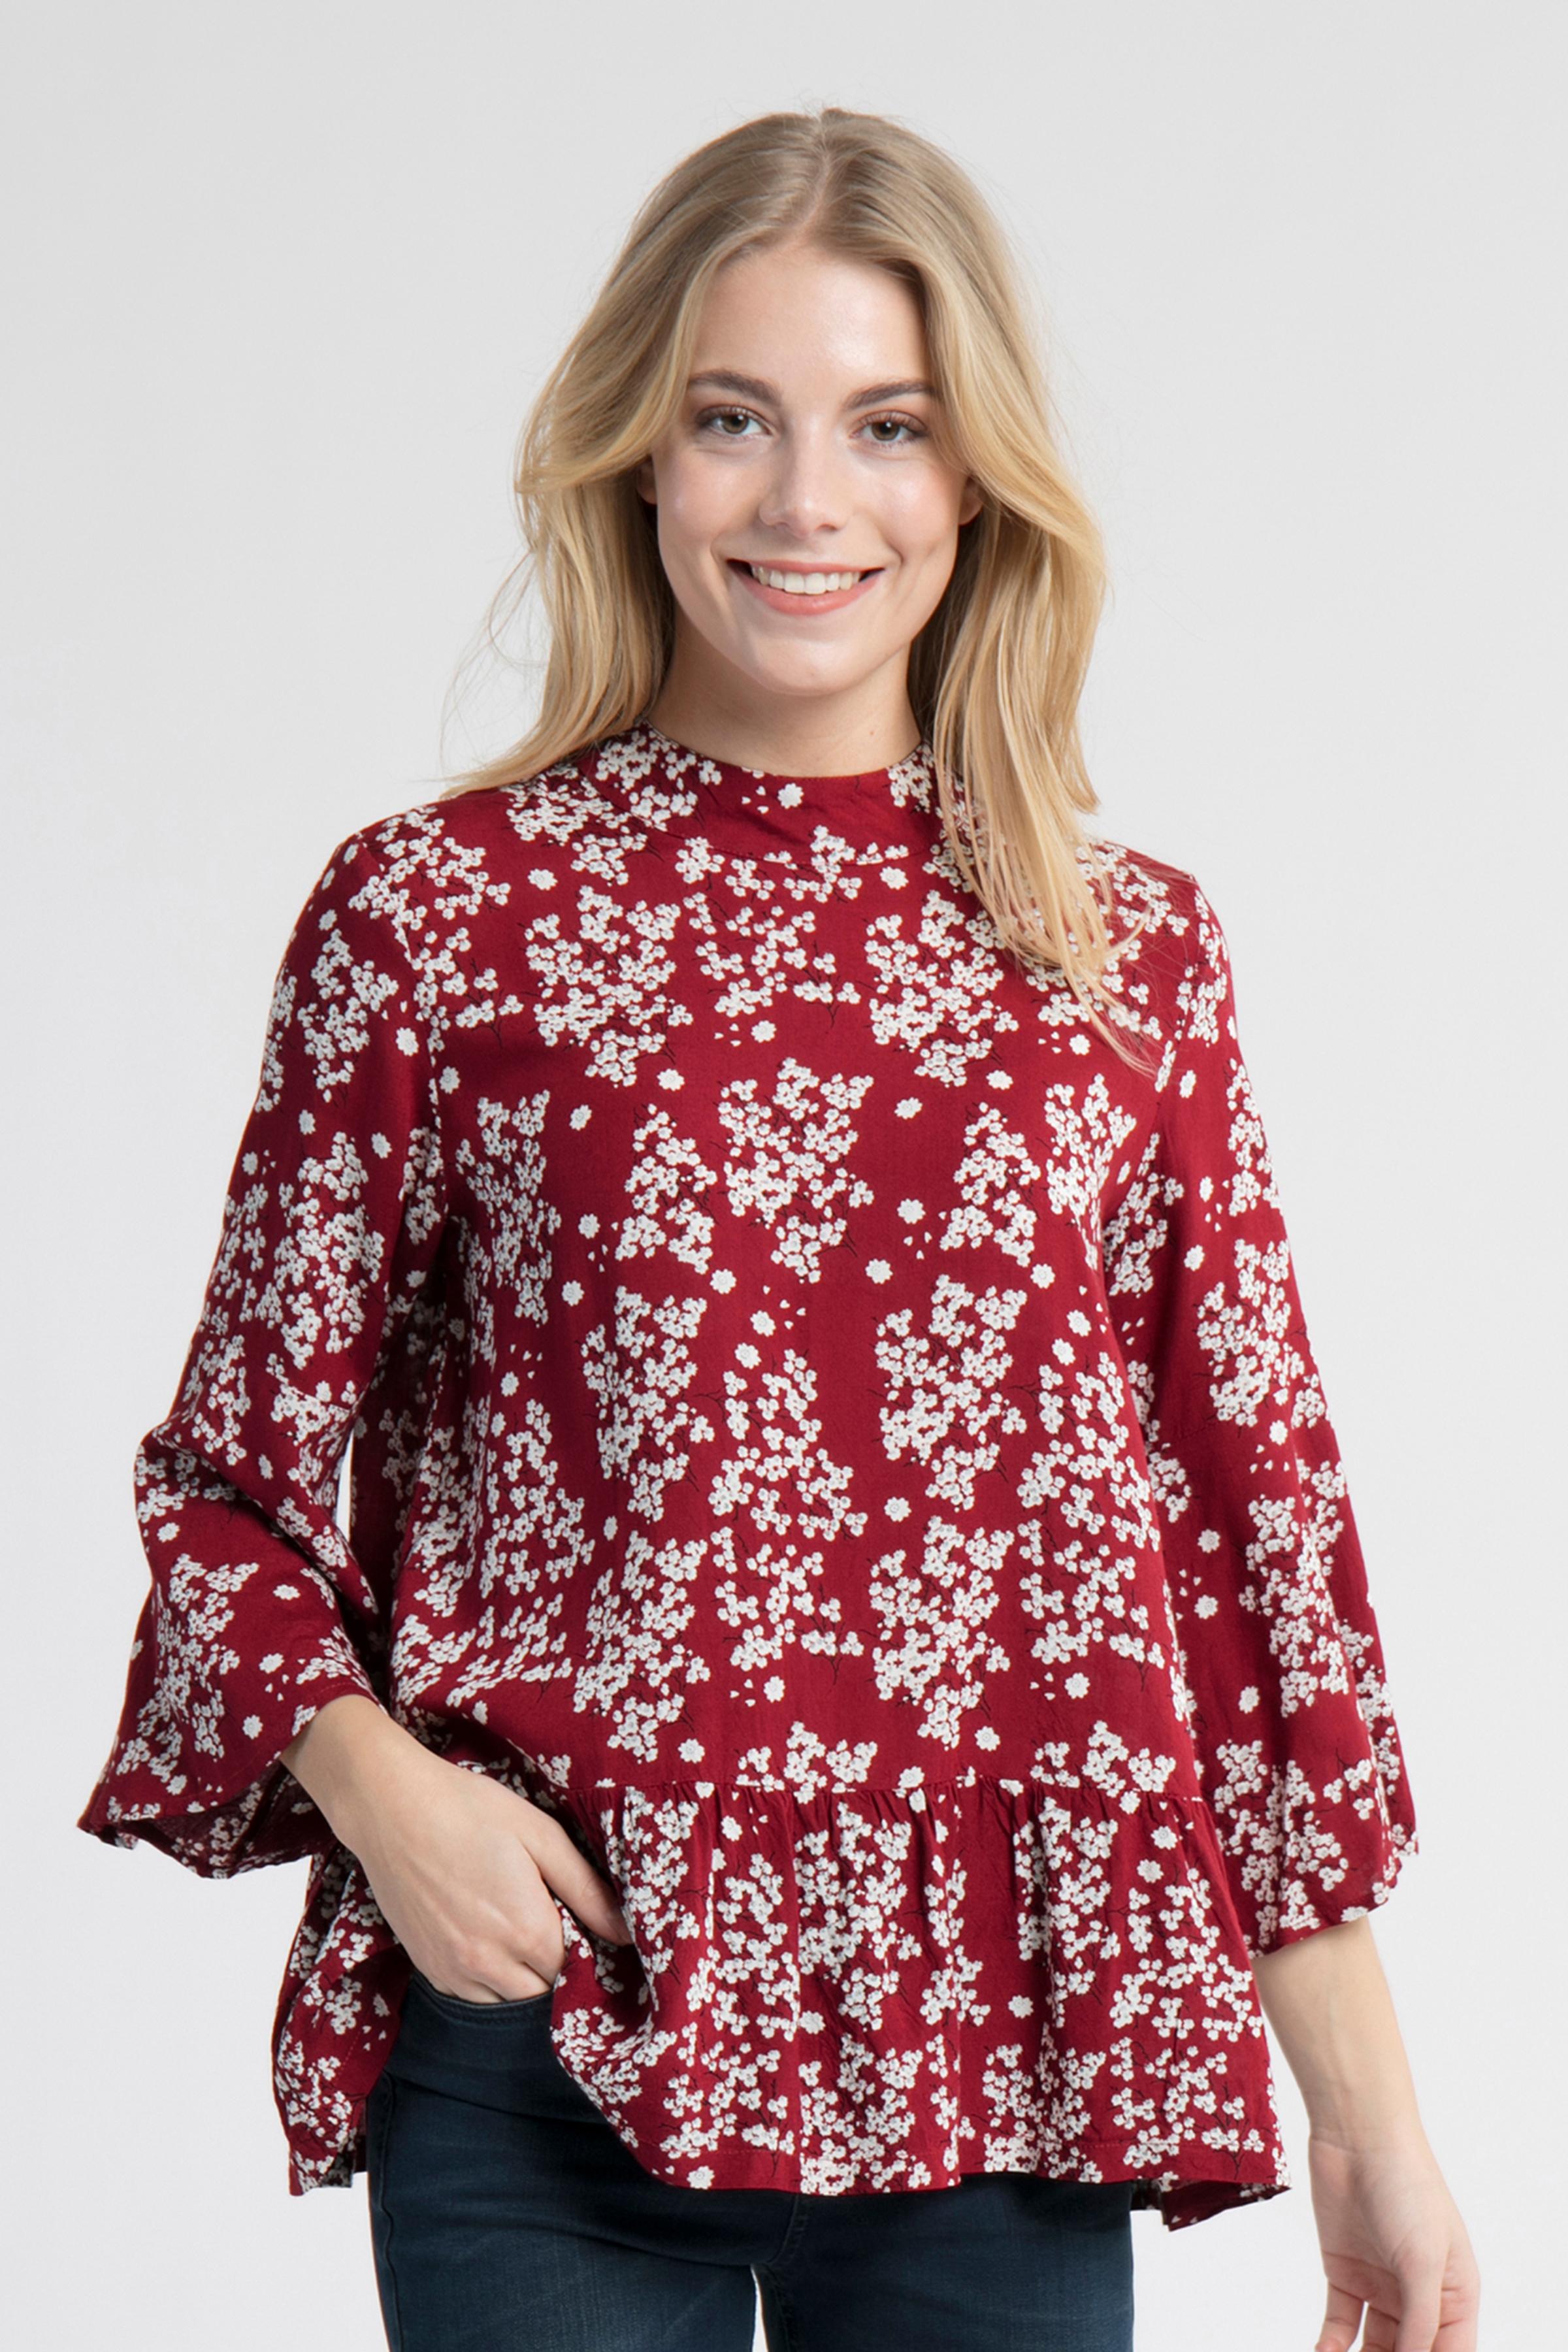 Gebranntes rot/wollweiß Kurzarm-Bluse von Kaffe – Shoppen Sie Gebranntes rot/wollweiß Kurzarm-Bluse ab Gr. 34-46 hier